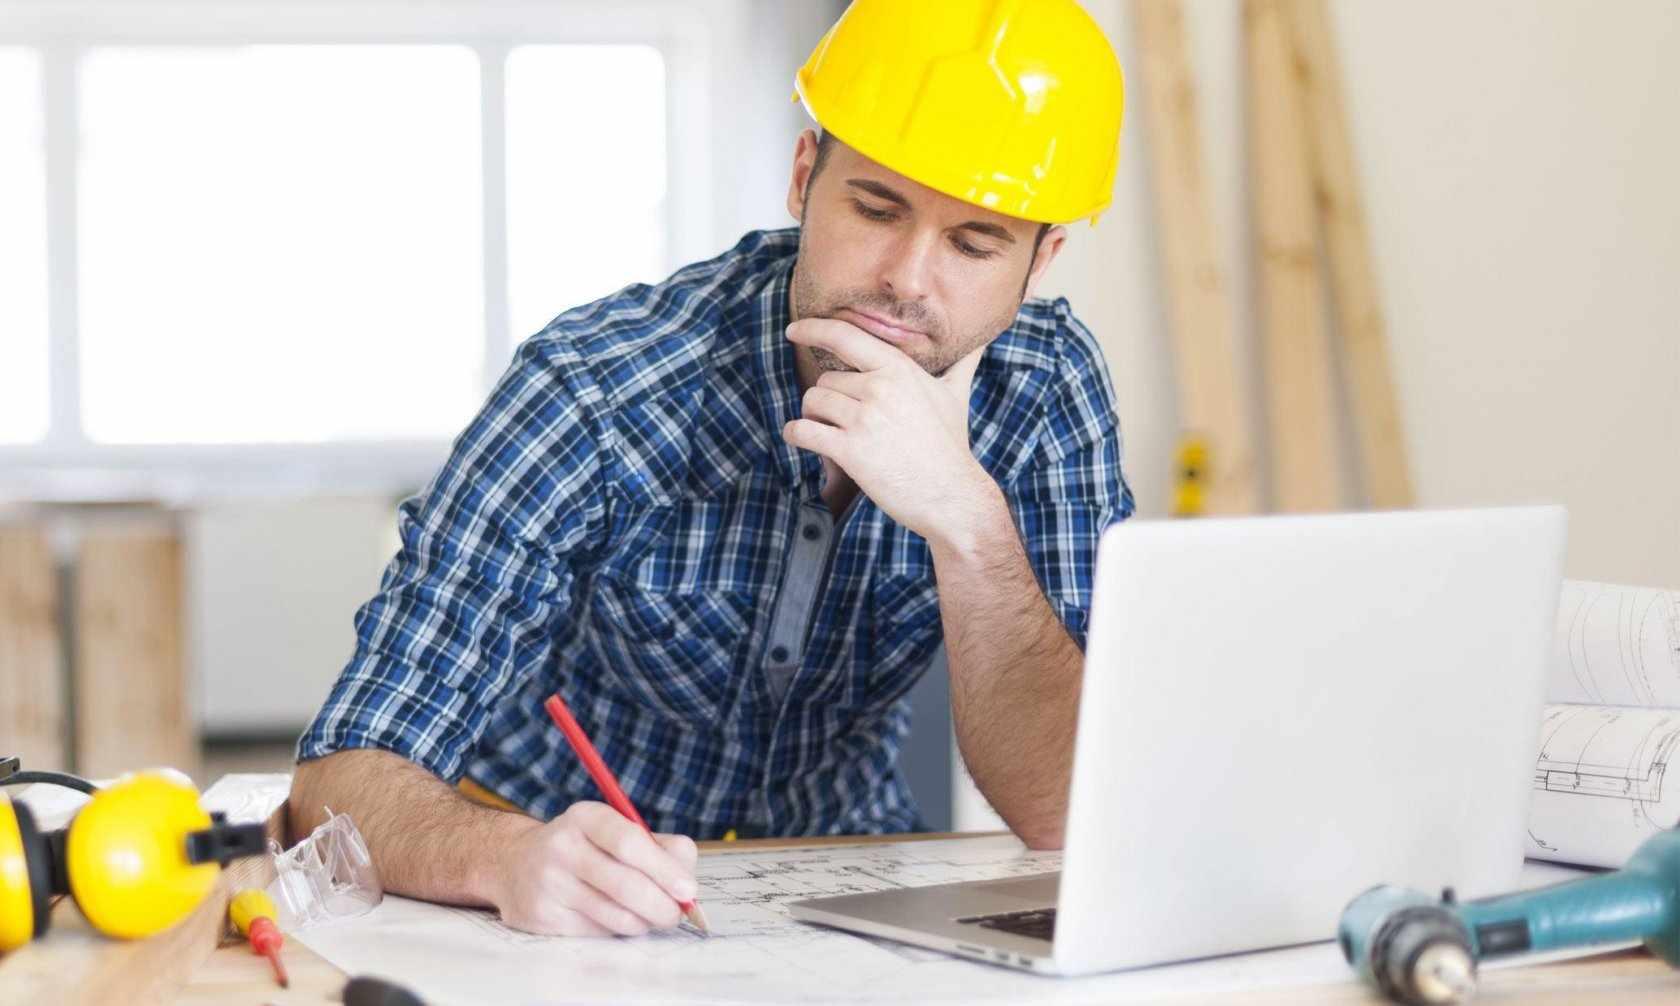 Обучение строителей дистанционно